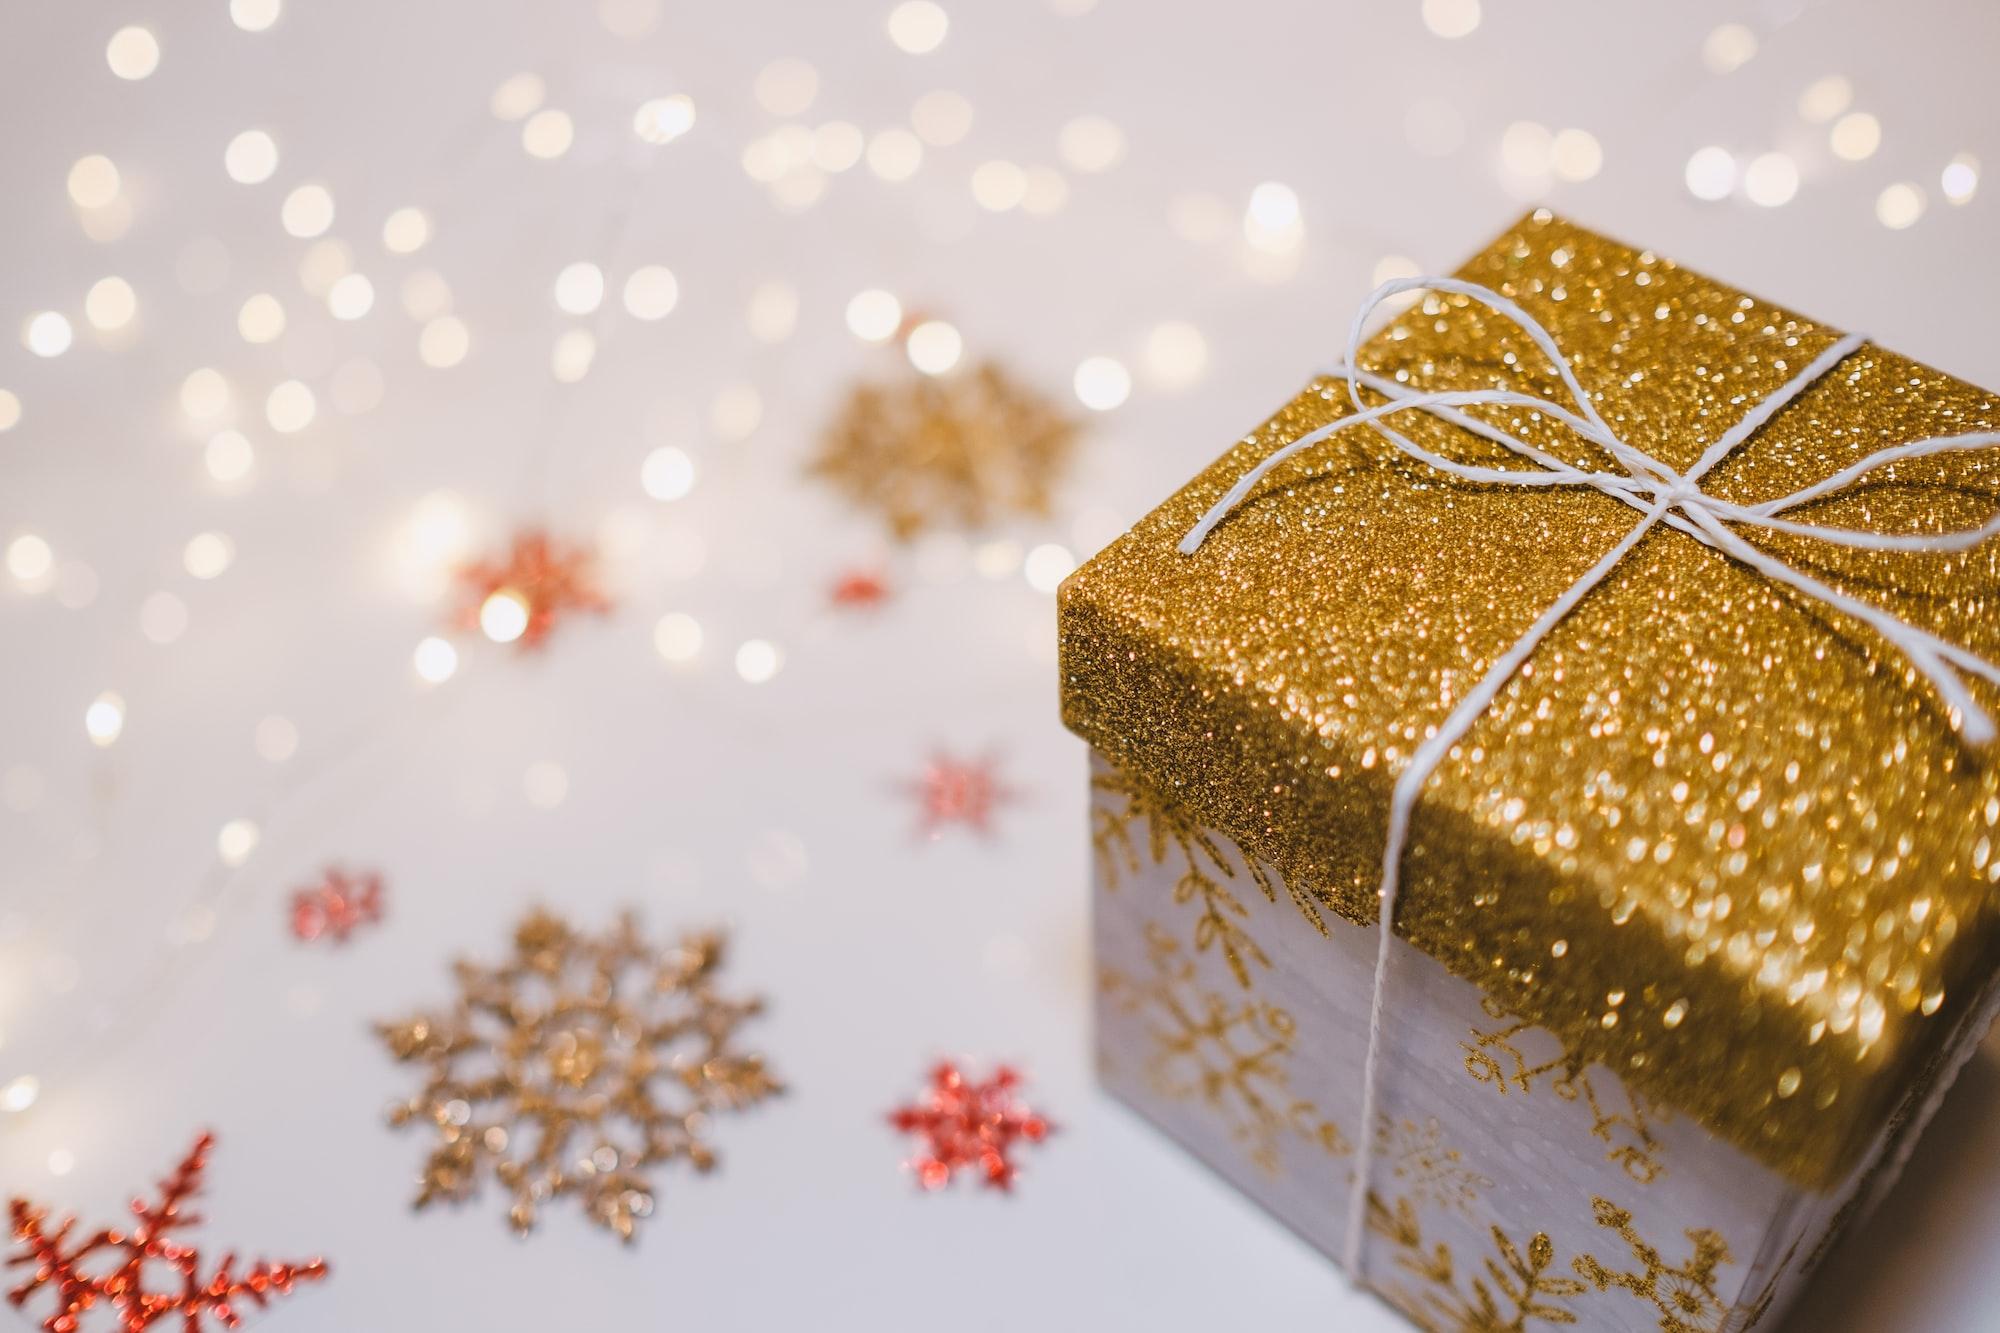 5 APIs To Checkout This Holiday Season